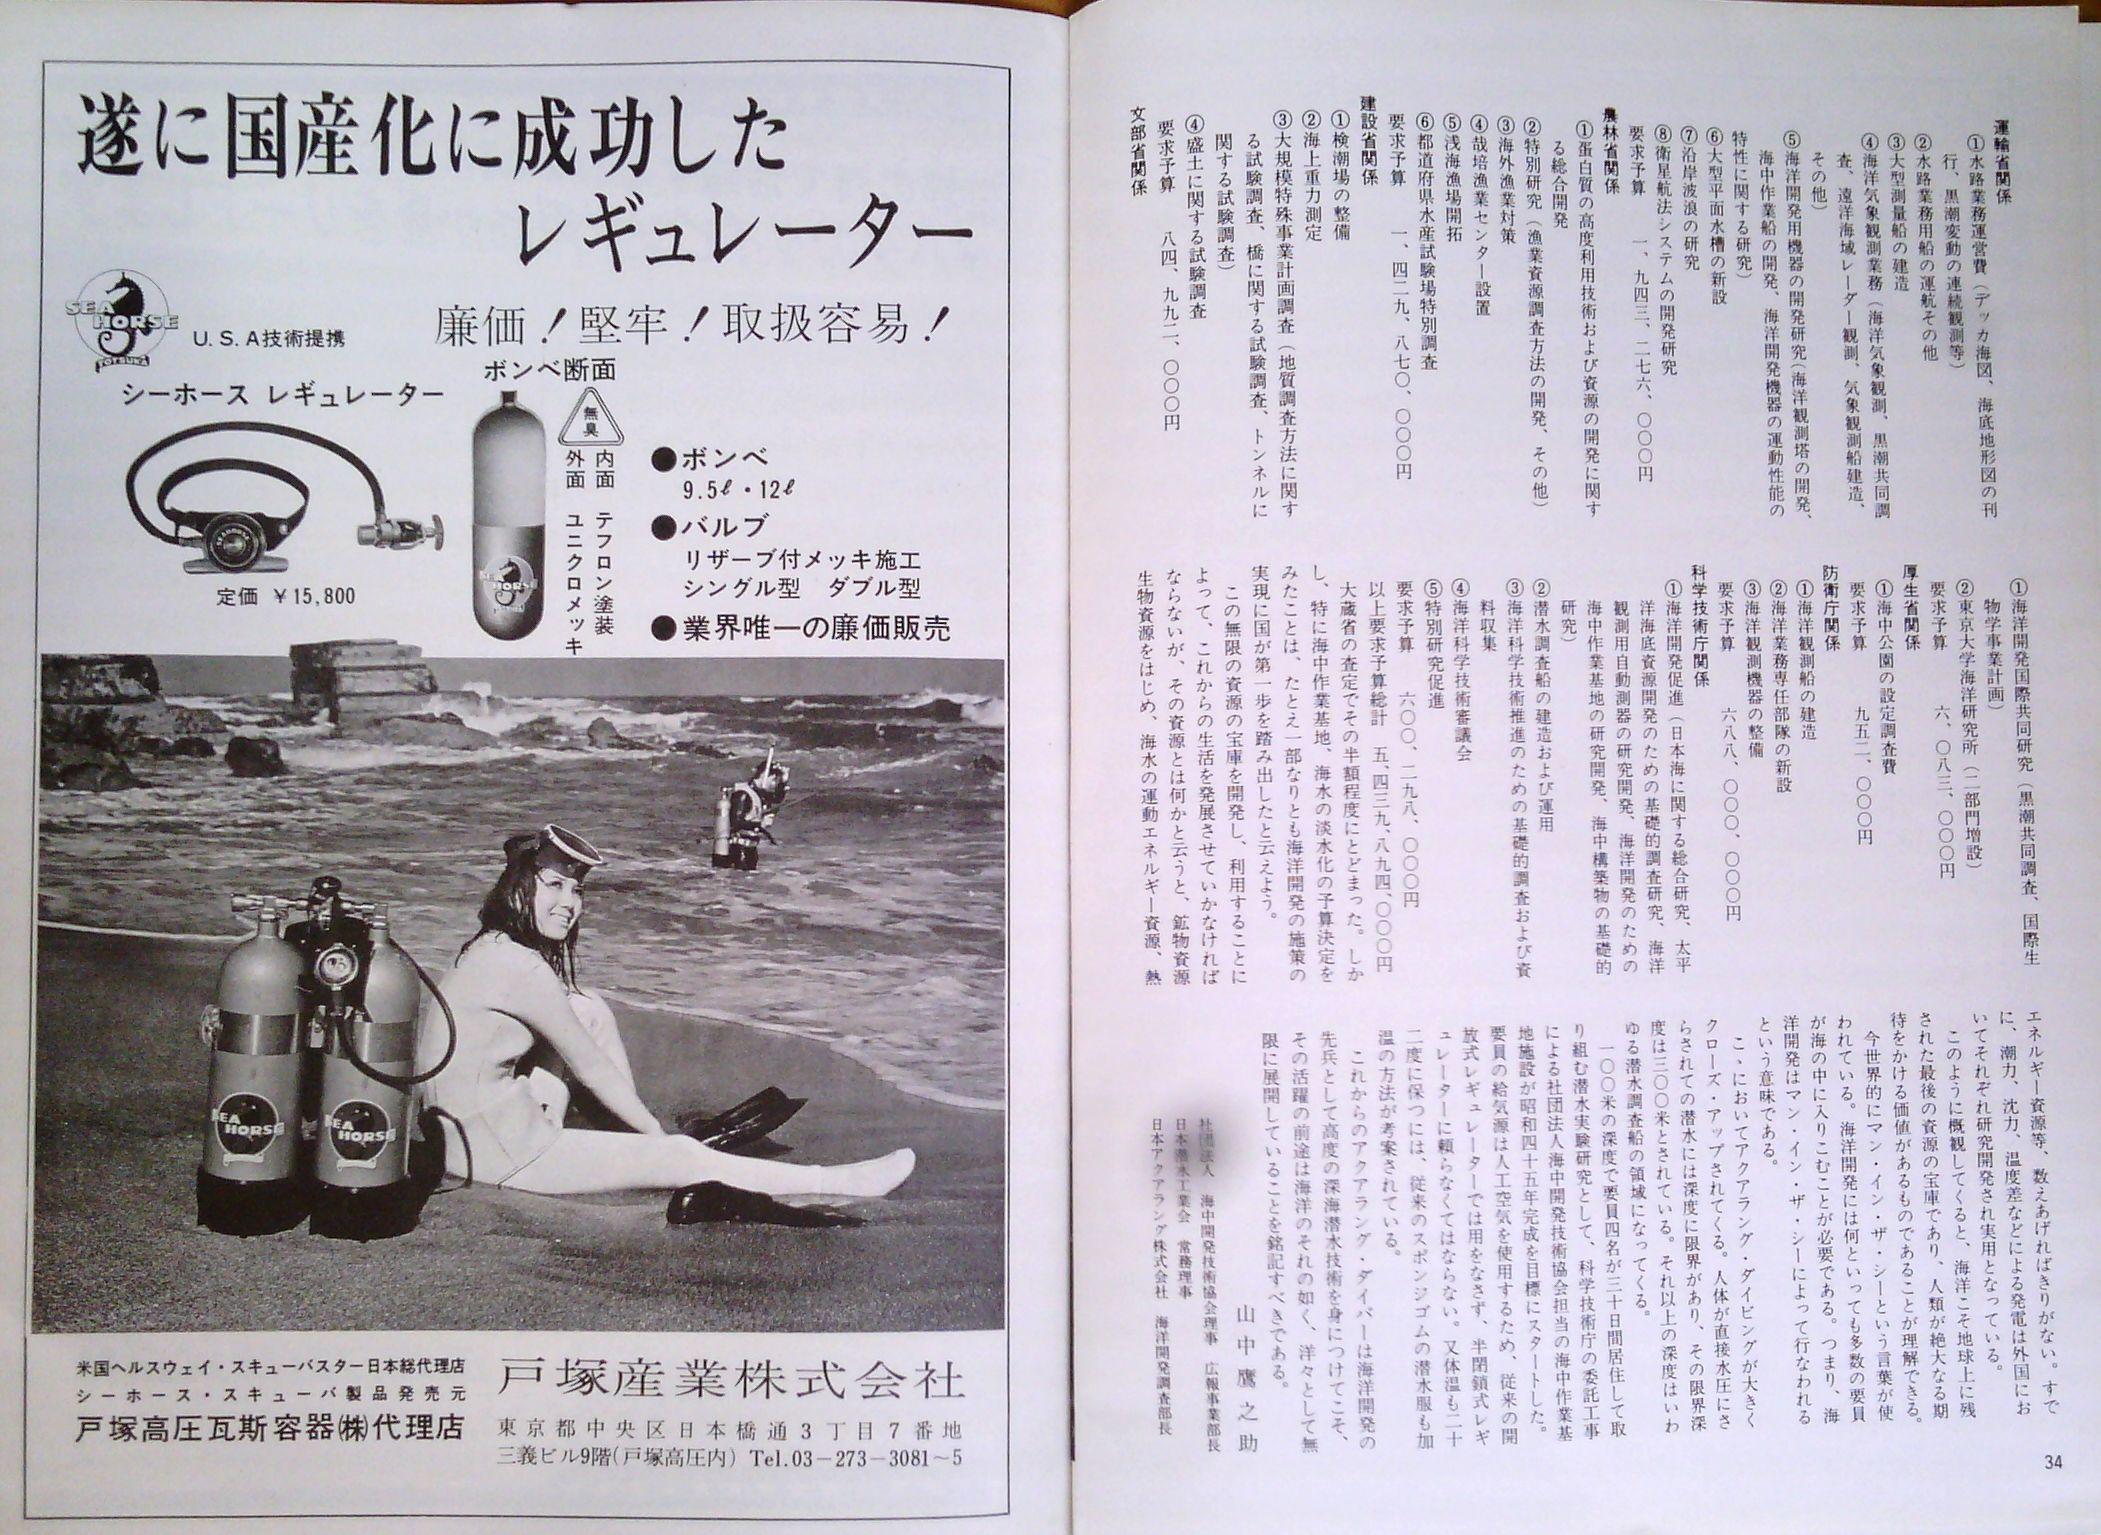 0323  ダイビングの歴史56  マリンダイビング創刊1969_b0075059_14284388.jpg